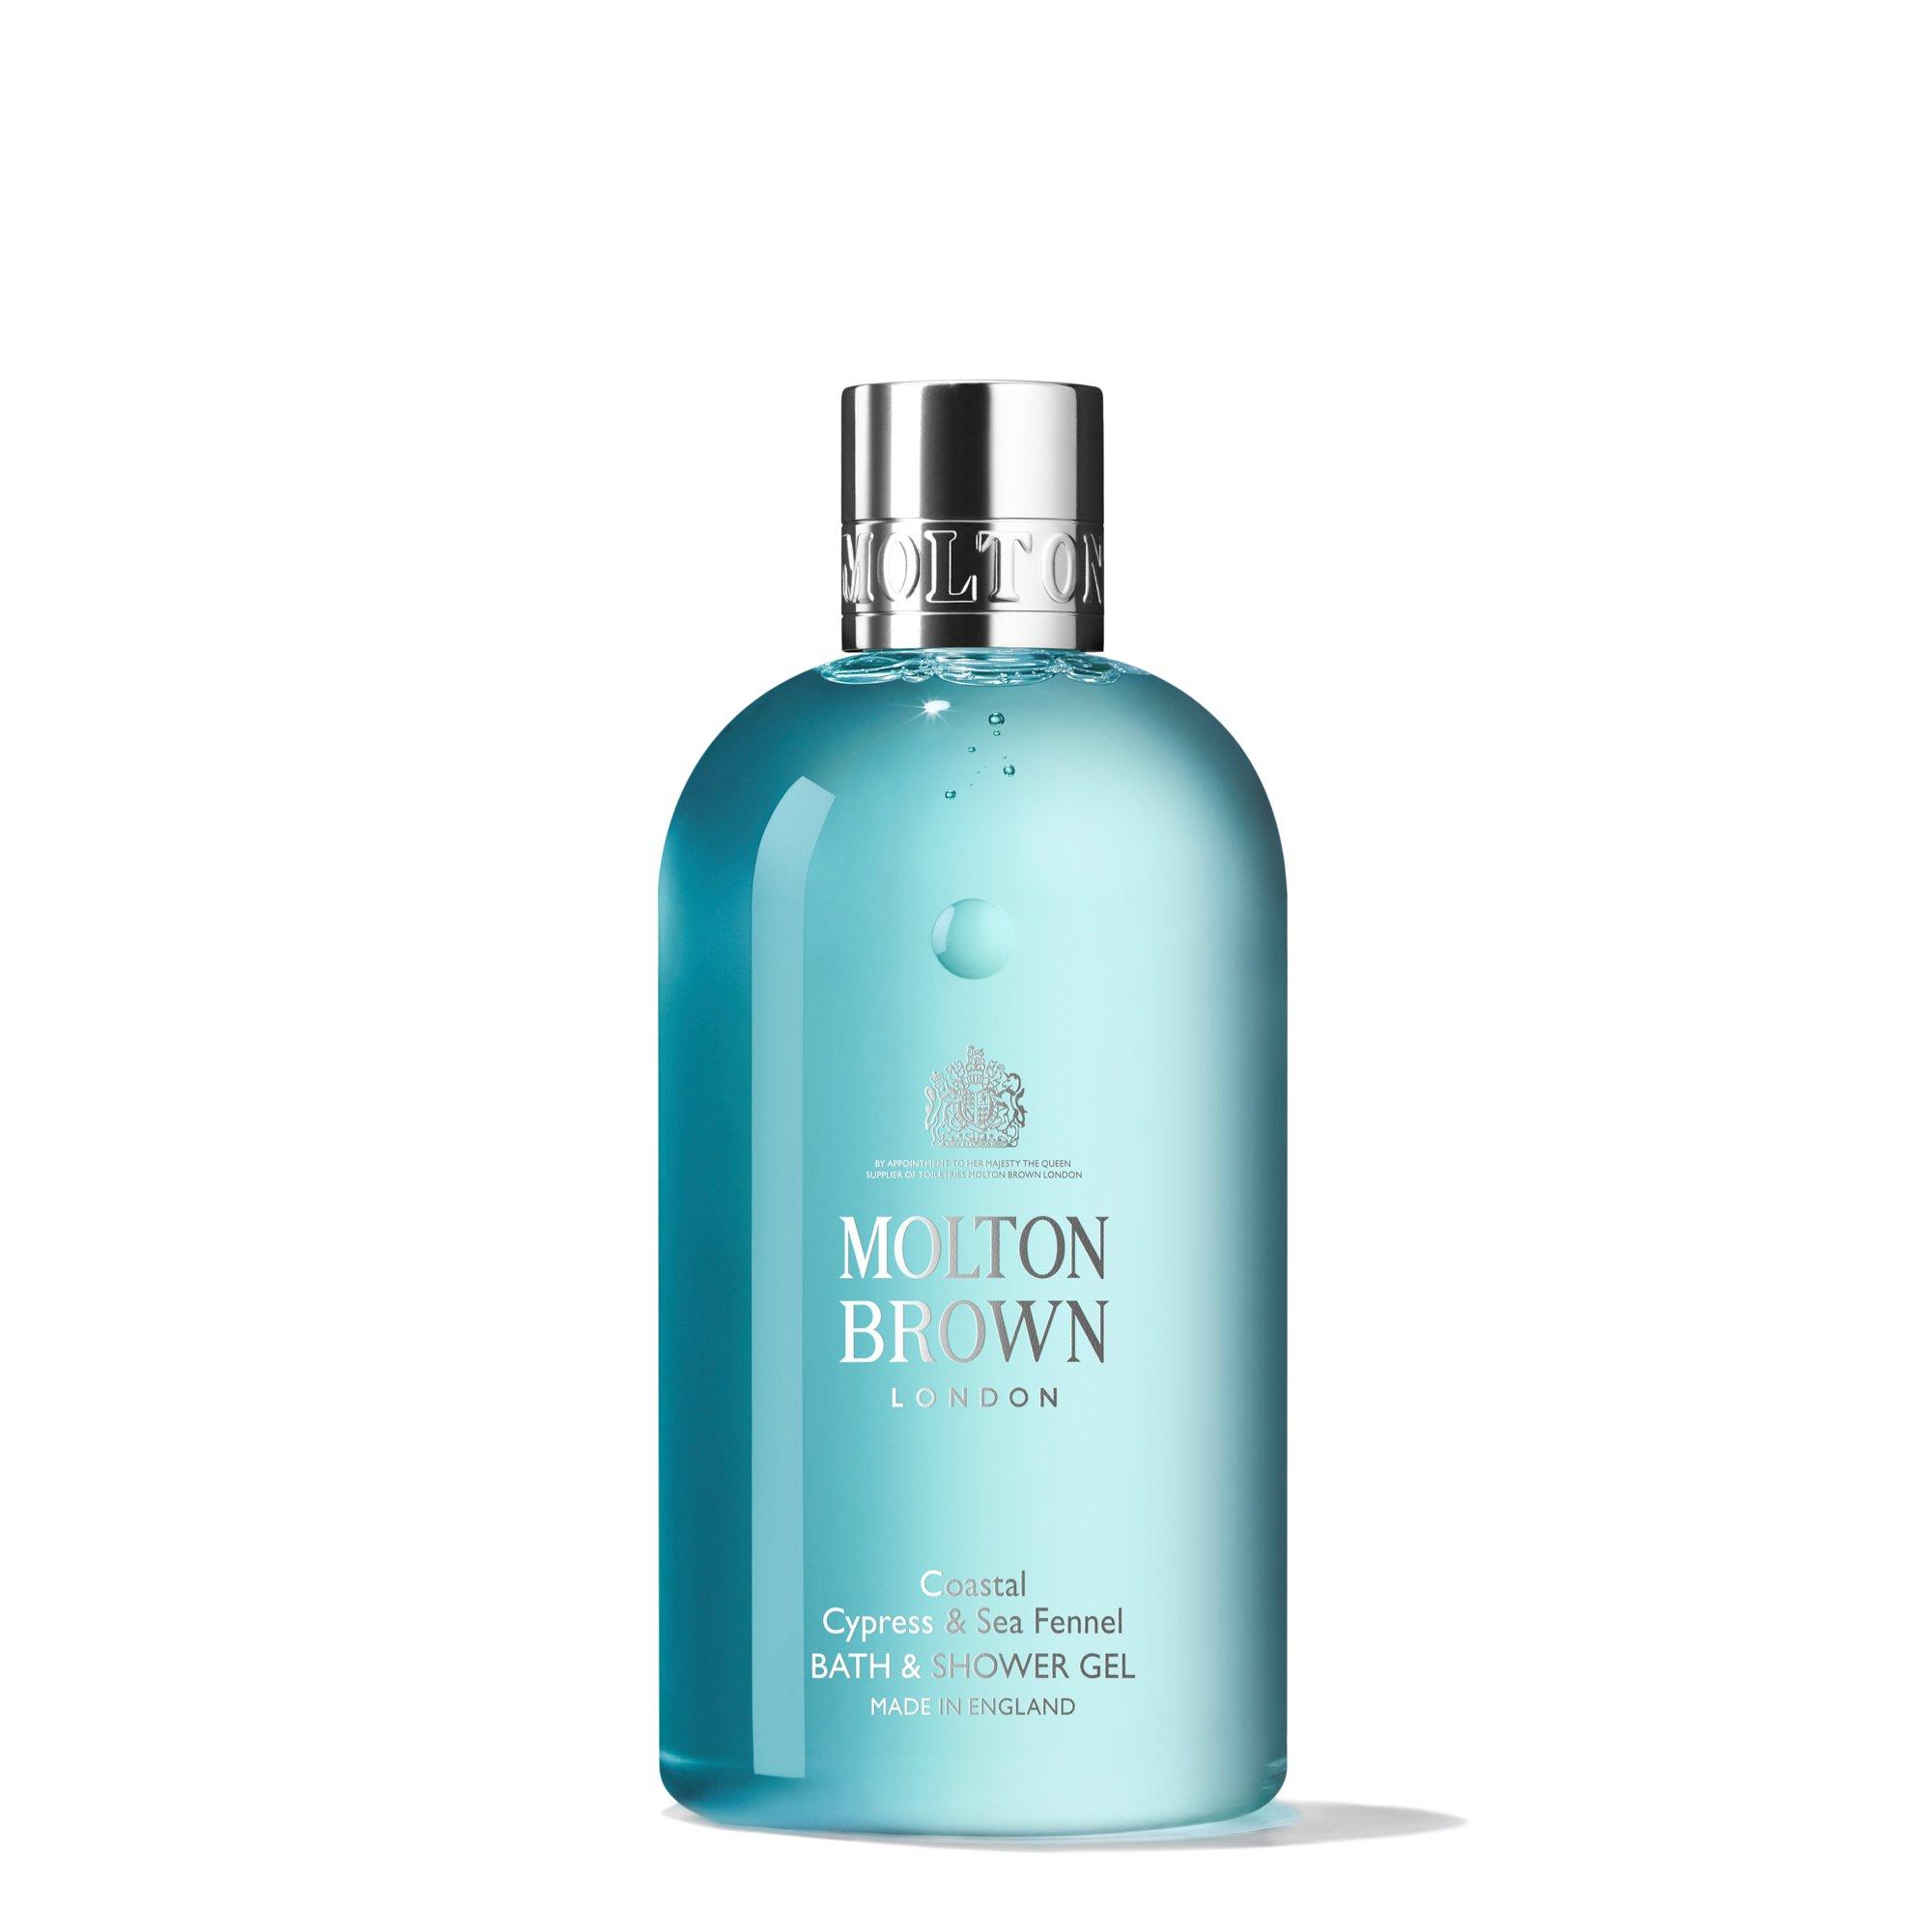 Molton Brown Coastal Cypress, Sea Fennel Bath and Shower Gel, 300ml